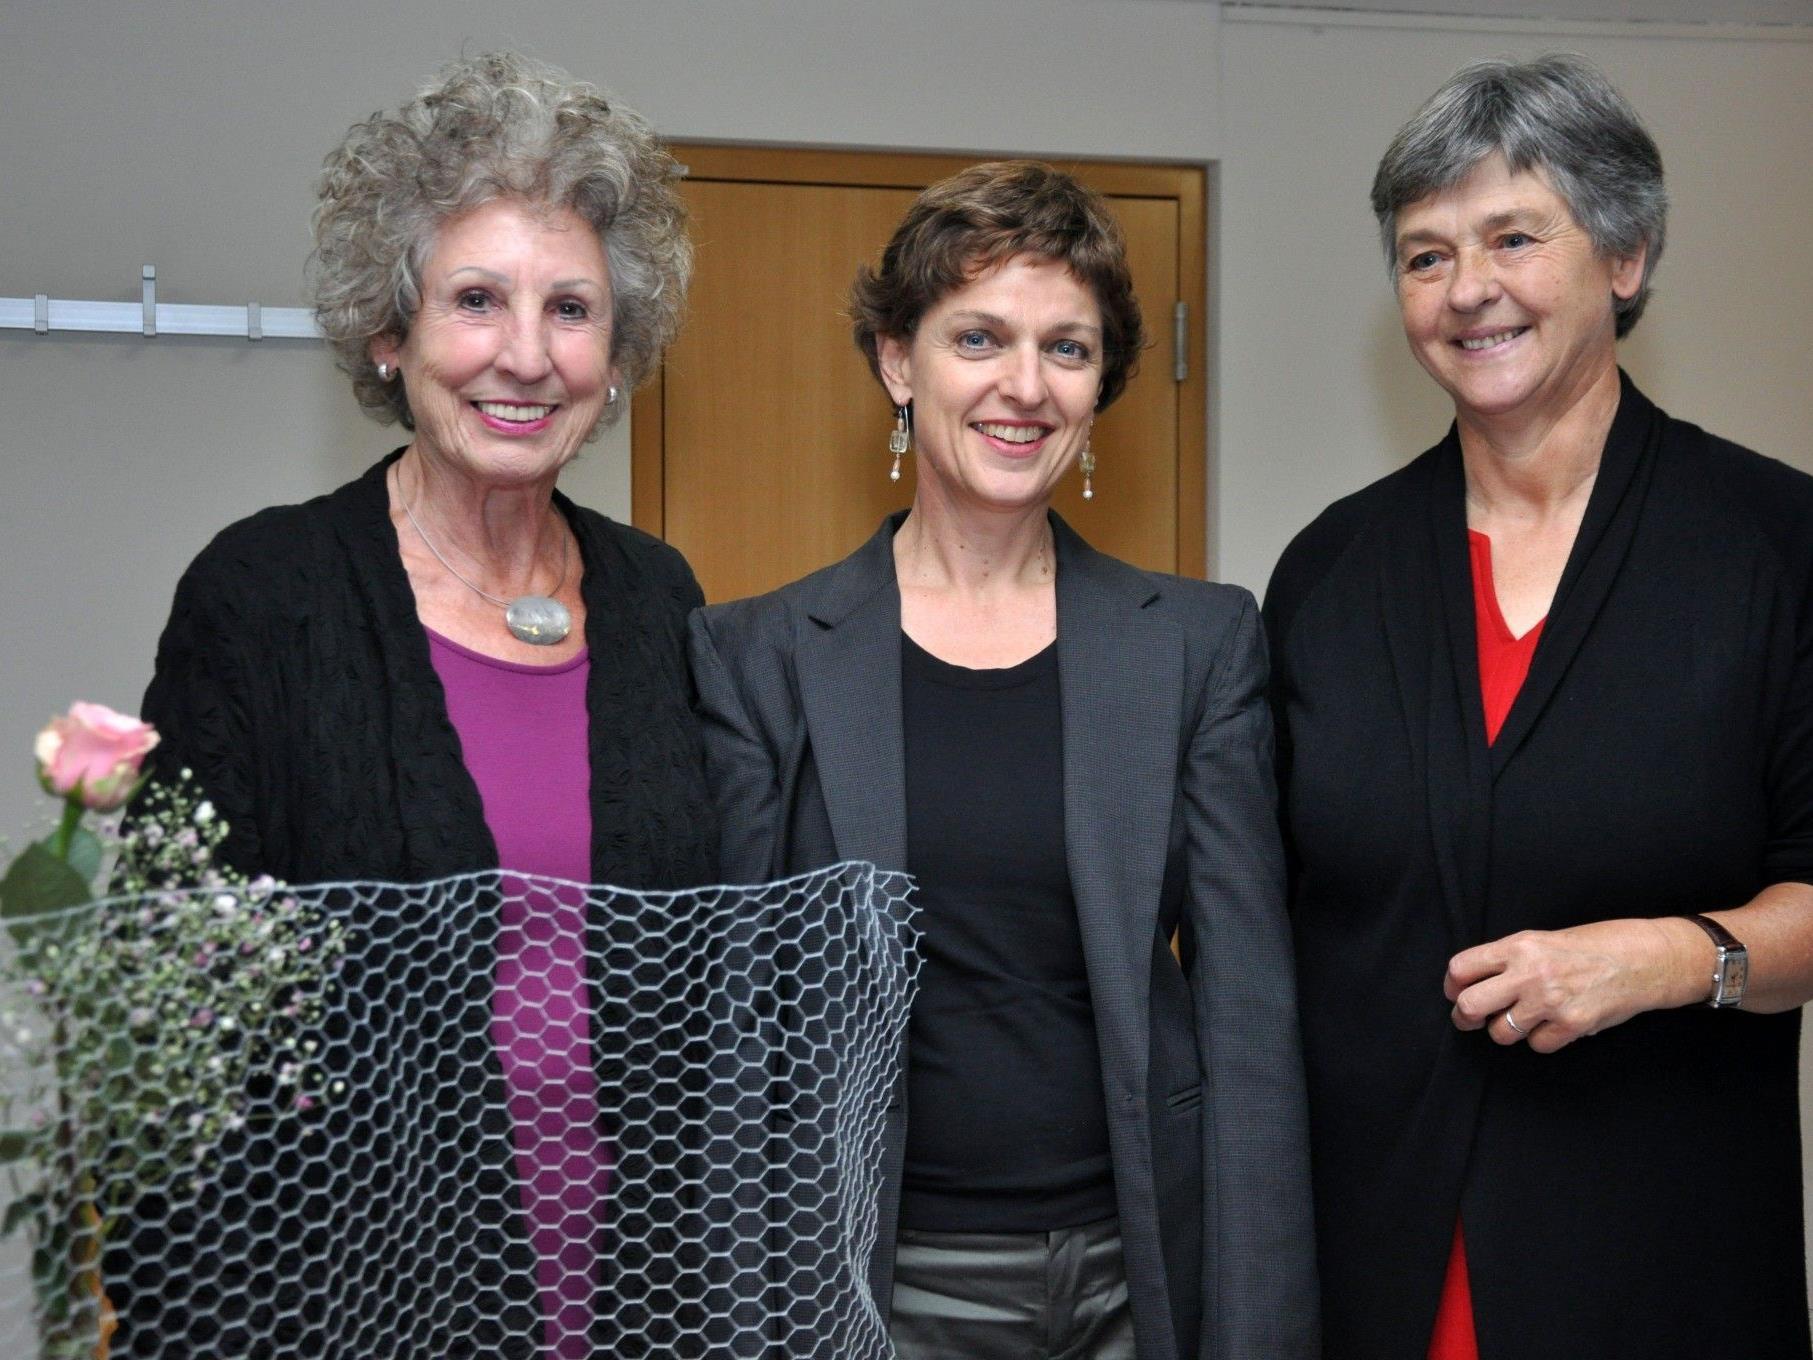 Eva Fitz und Anna Huber hatten die Regisseurin, Schauspielerin und Theaterpädagogin Brigitte Walk als Referentin eingeladen.